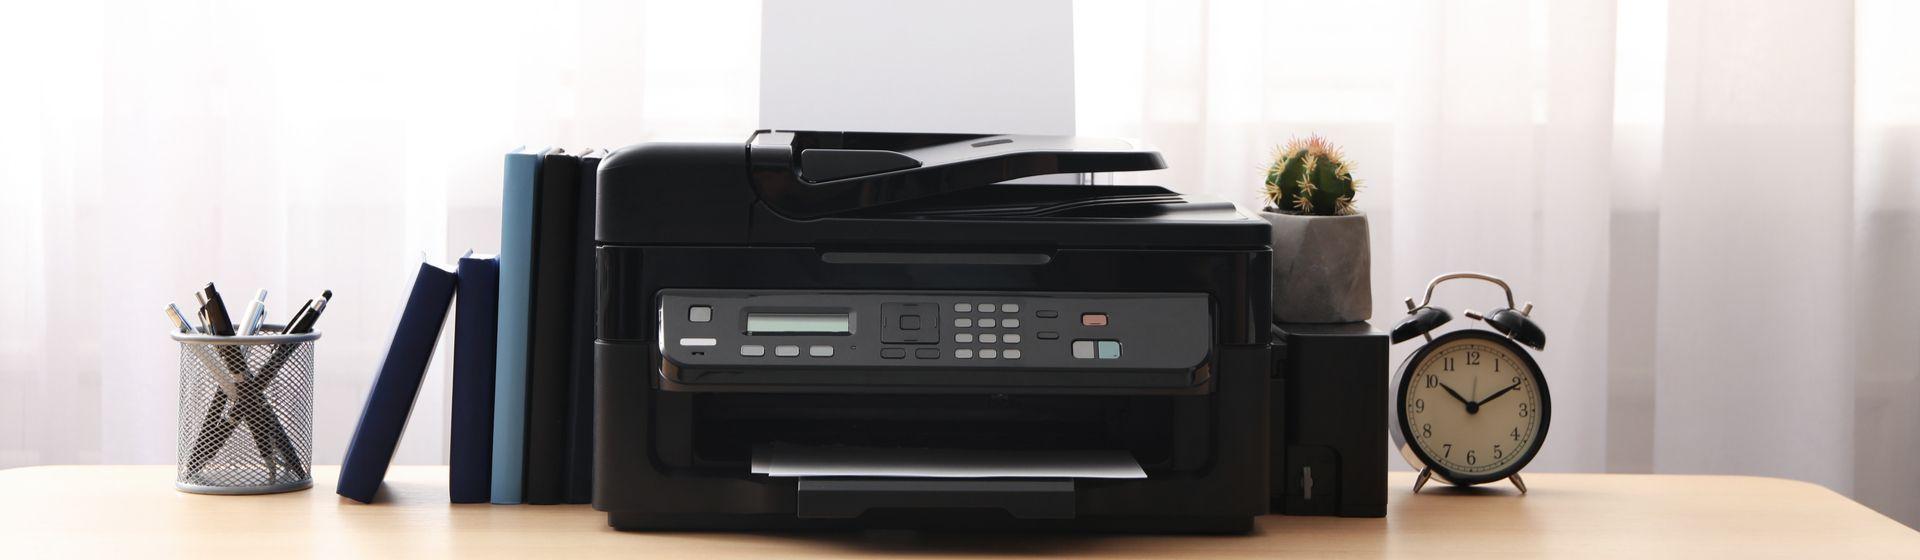 Melhor impressora bluetooth em 2021: 4 modelos para comprar